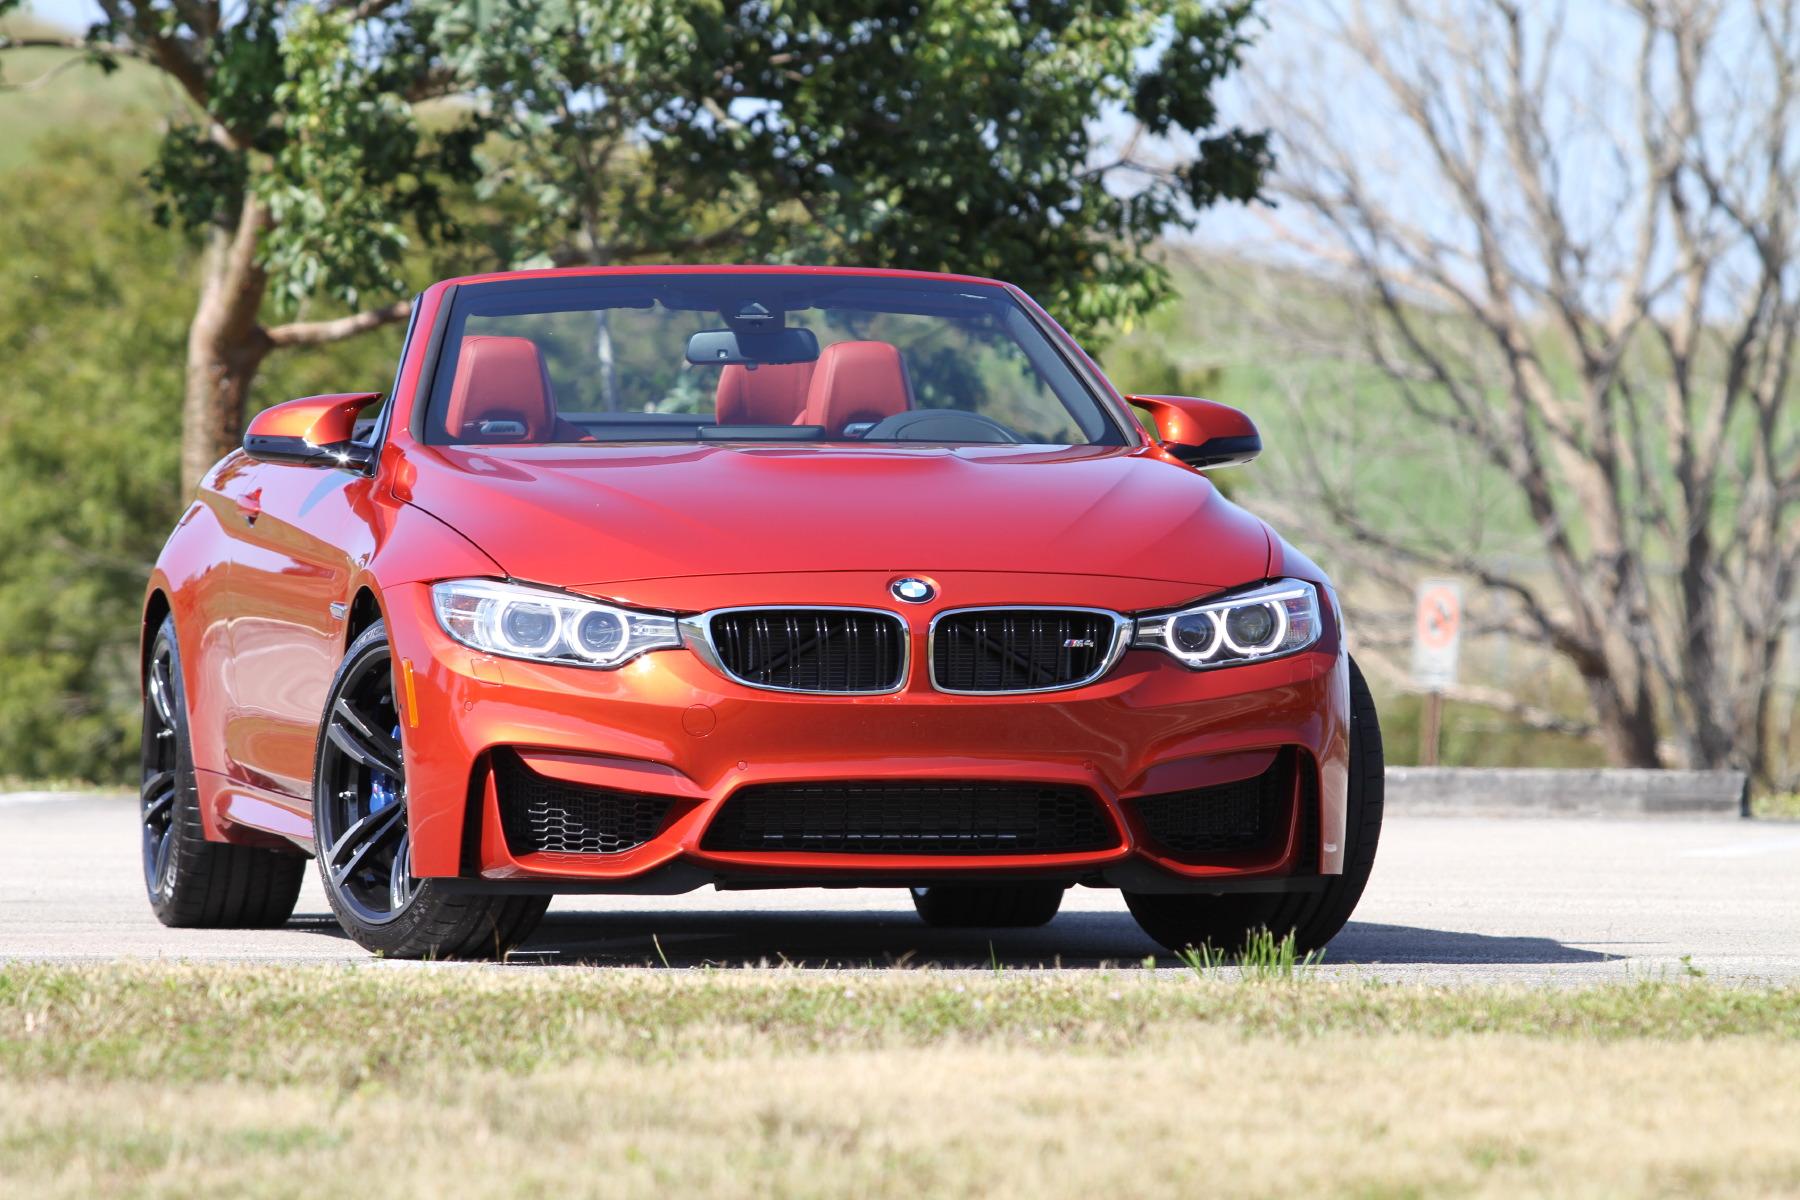 2015 BMW M4 Convertible 1 4 Mile 0 60 MPH Testing